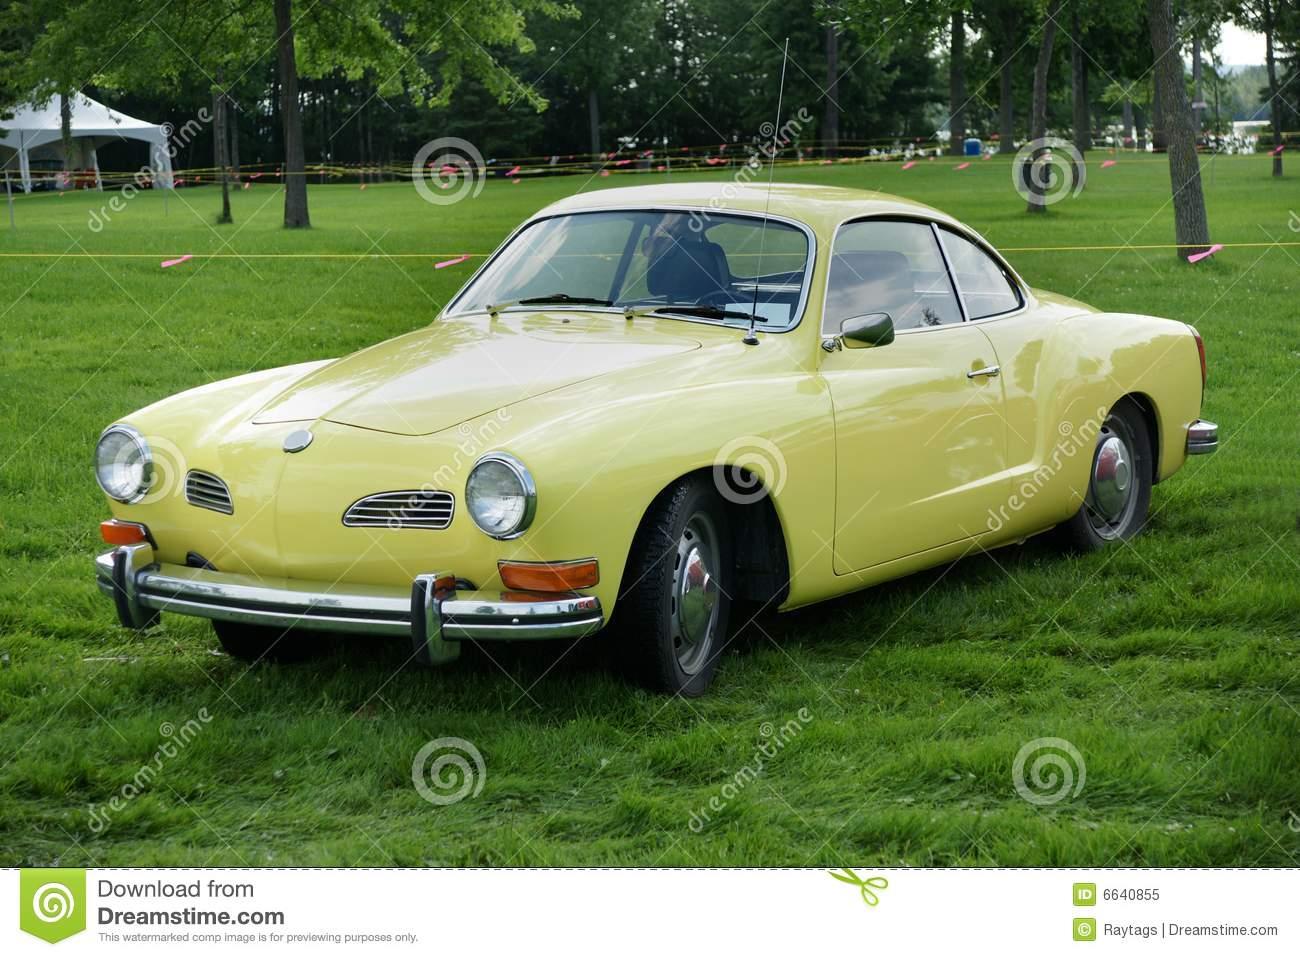 Volkswagen Karmann Ghia Royalty Free Stock Photo.